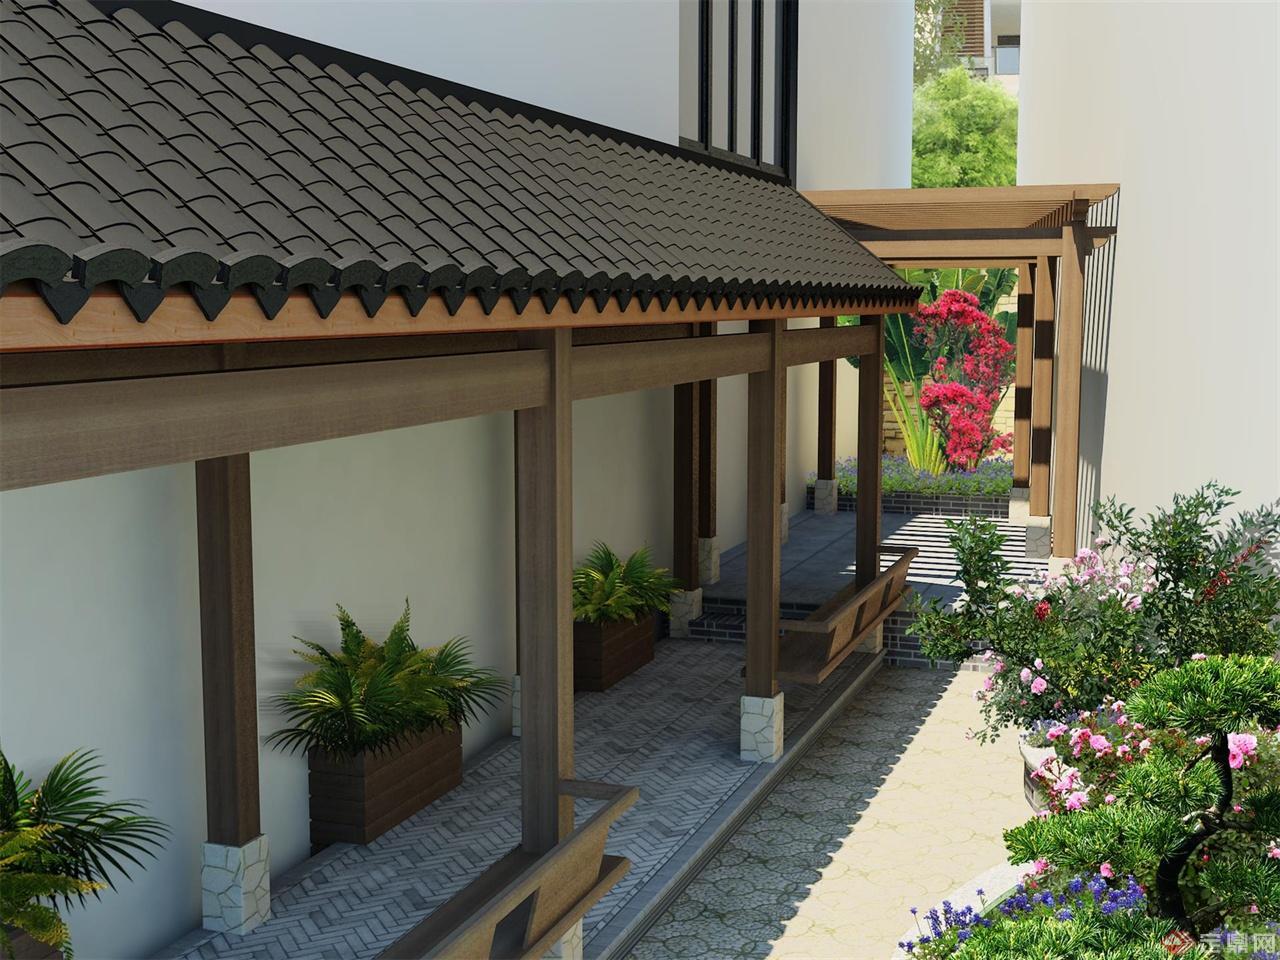 中式(简)私家花园庭院 一个简中式私家花园设计,花园不大,大概20多平方。业主要求中式设计,但又不想太复杂,就简化了一下,加入了一些元素,主要是连廊、中式铺装和盖瓦、仿滴水花筒等,然后用比价现在的结构做法,舍弃了传统中式建筑复杂的梁、脊等木架结构,结合硬山式木架结构,在保证整体稳定性的同时,尽可能的做了简化;在木料方面,考虑到室外的耐腐蚀性,本想以柚木为主,但业主觉得价格不合适,便改用了俄罗斯樟子松防腐木,面试做亚光水性木器漆;铺装用的式仿古的青砖和条砖,在南方的市面上有,但是比较难找。